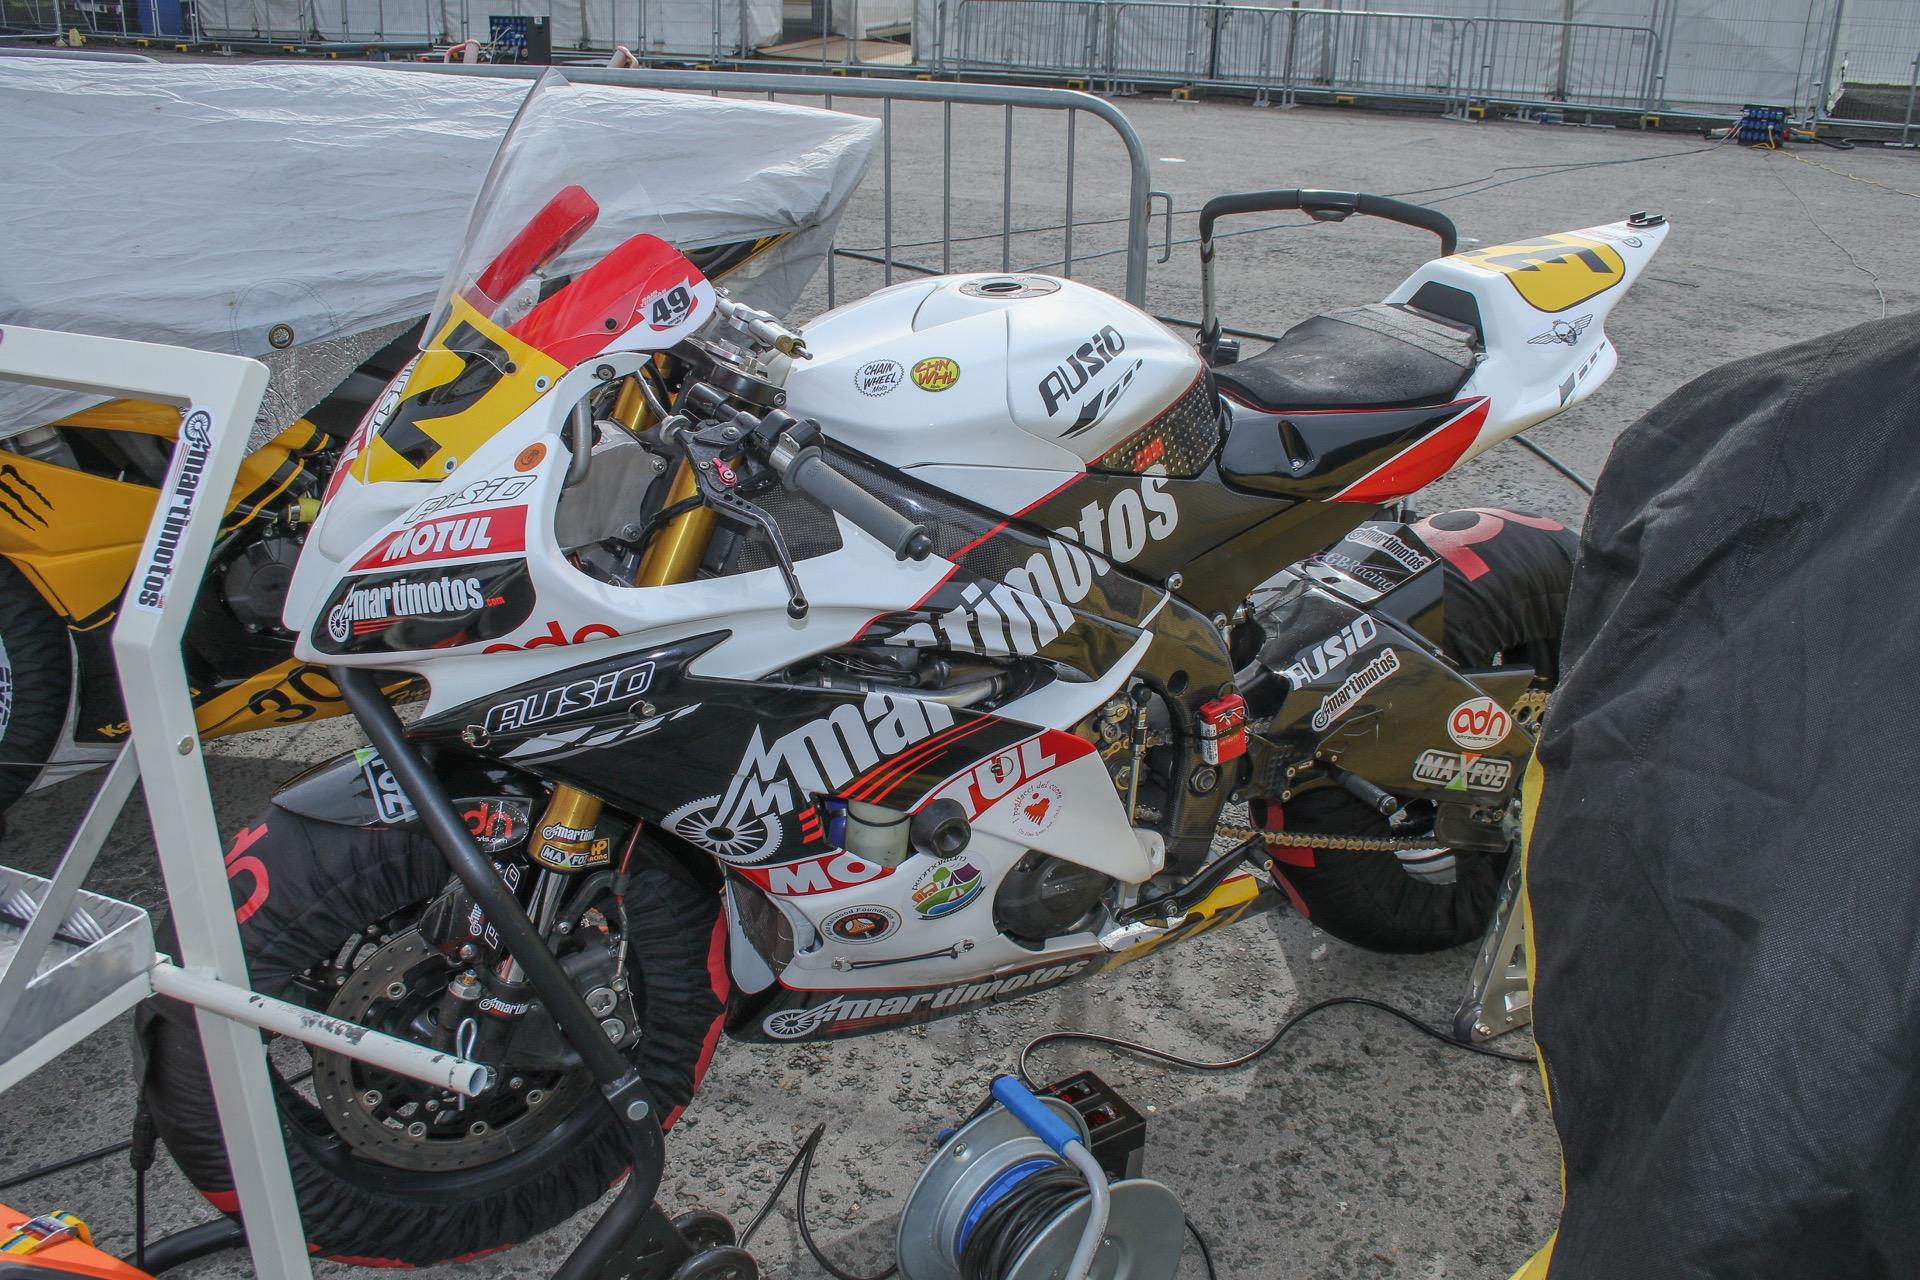 Fotos de Raül Torras en el Manx GP